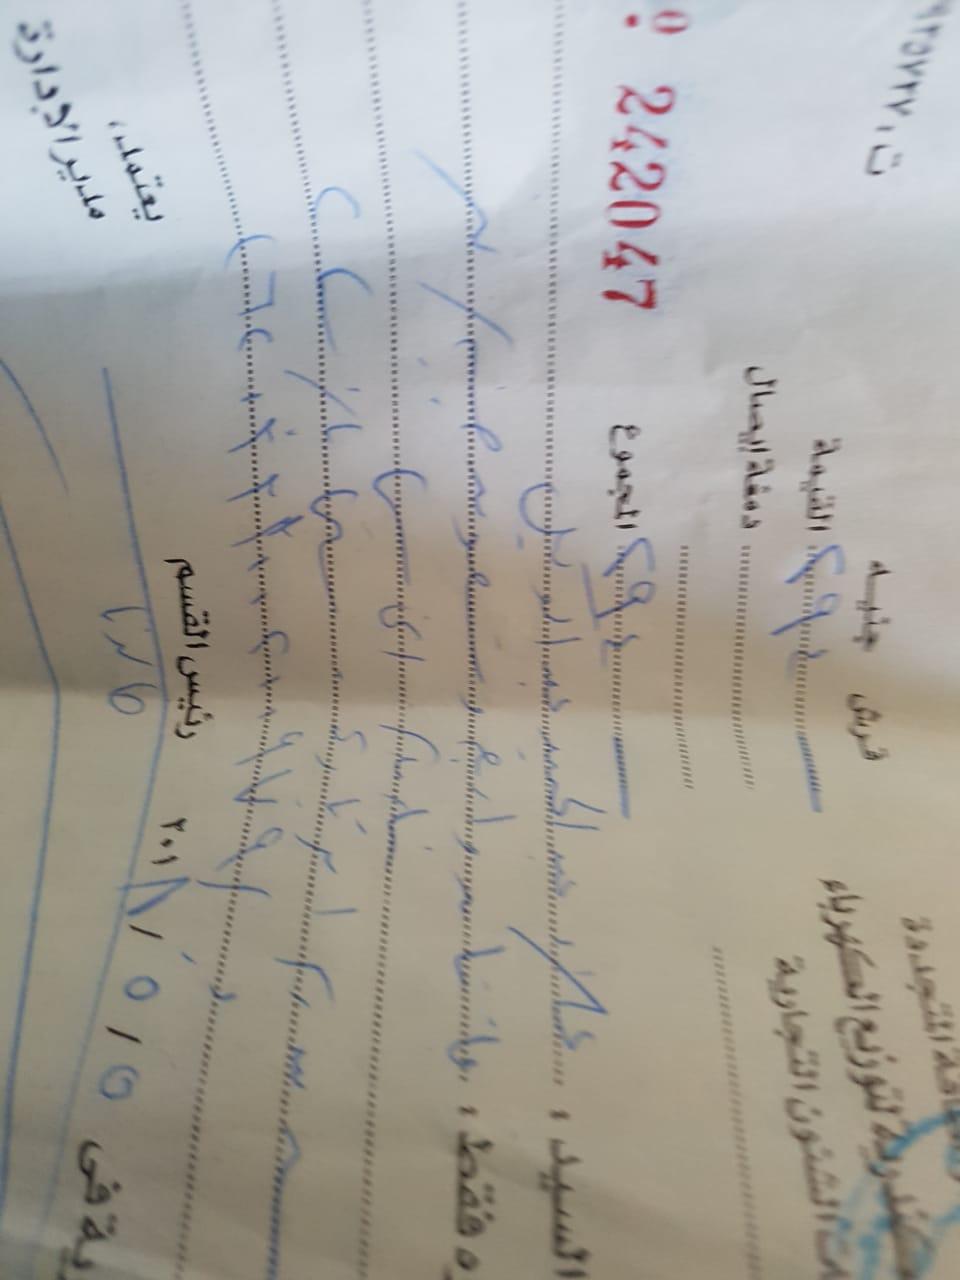 أزمة مشروع سيتي بالاس بالإسكندرية (15)